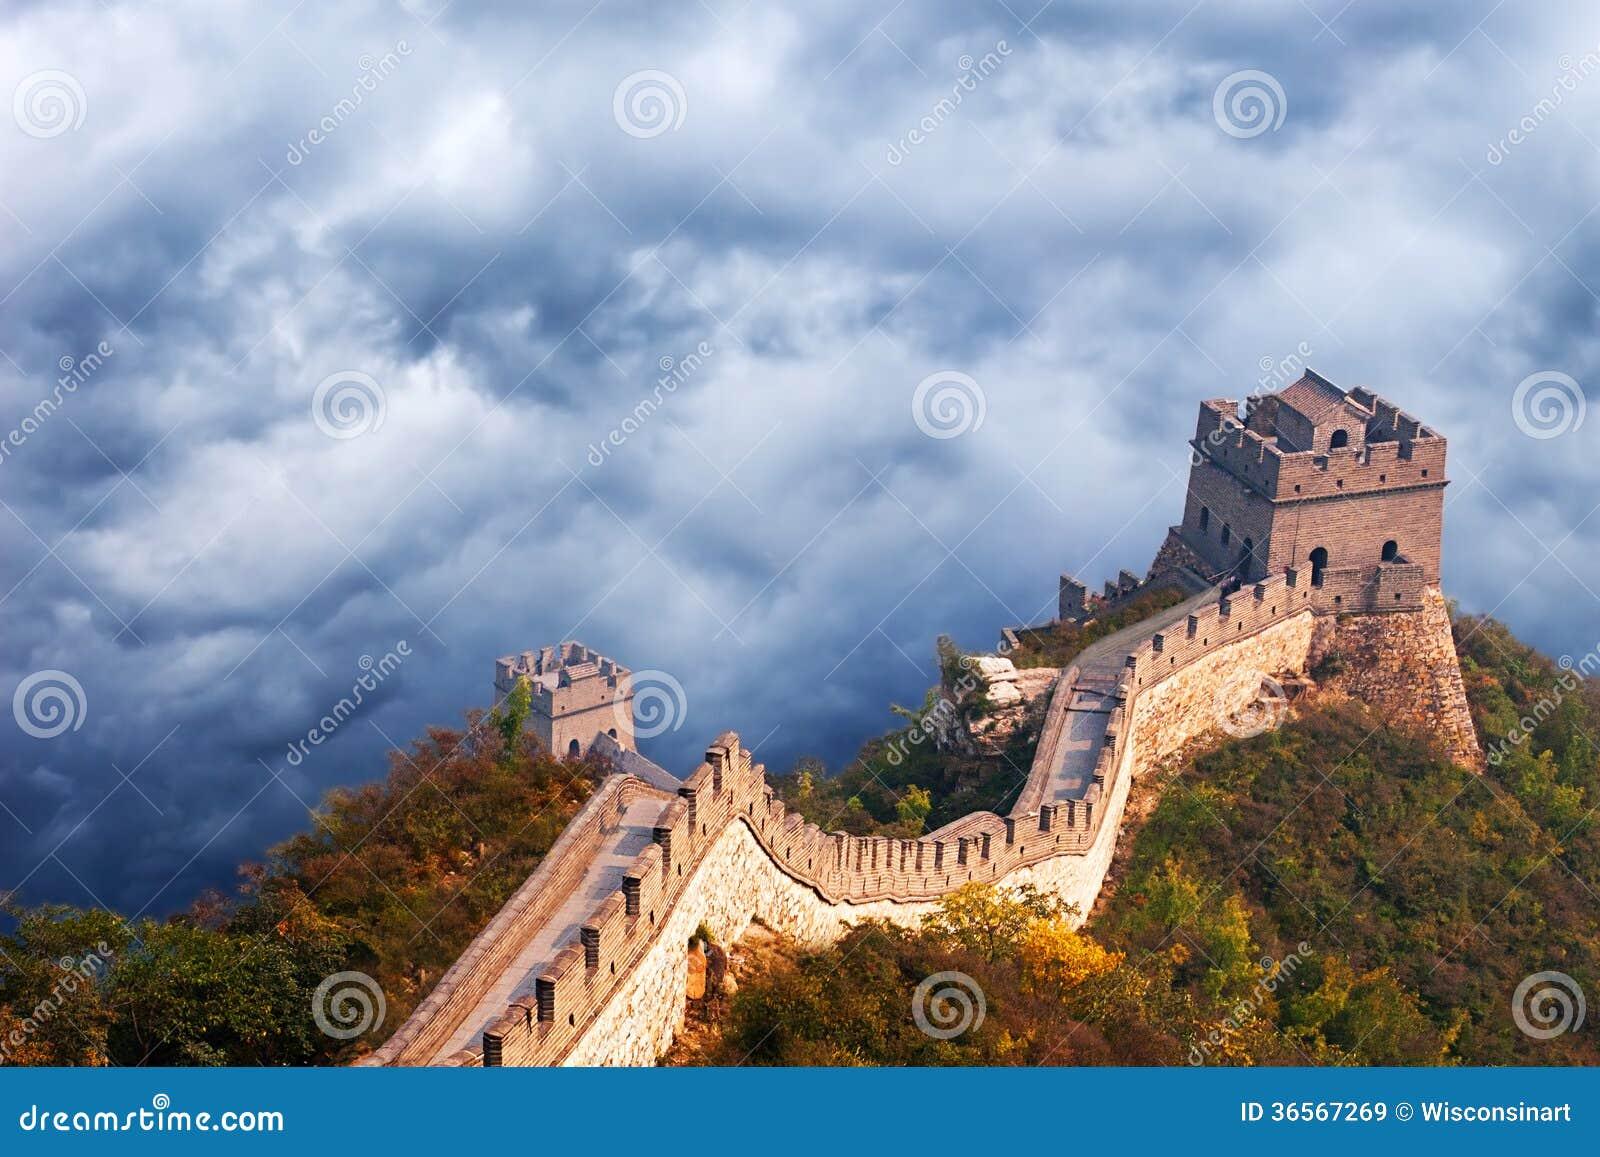 Σινικό Τείχος του ταξιδιού της Κίνας, θυελλώδη σύννεφα ουρανού